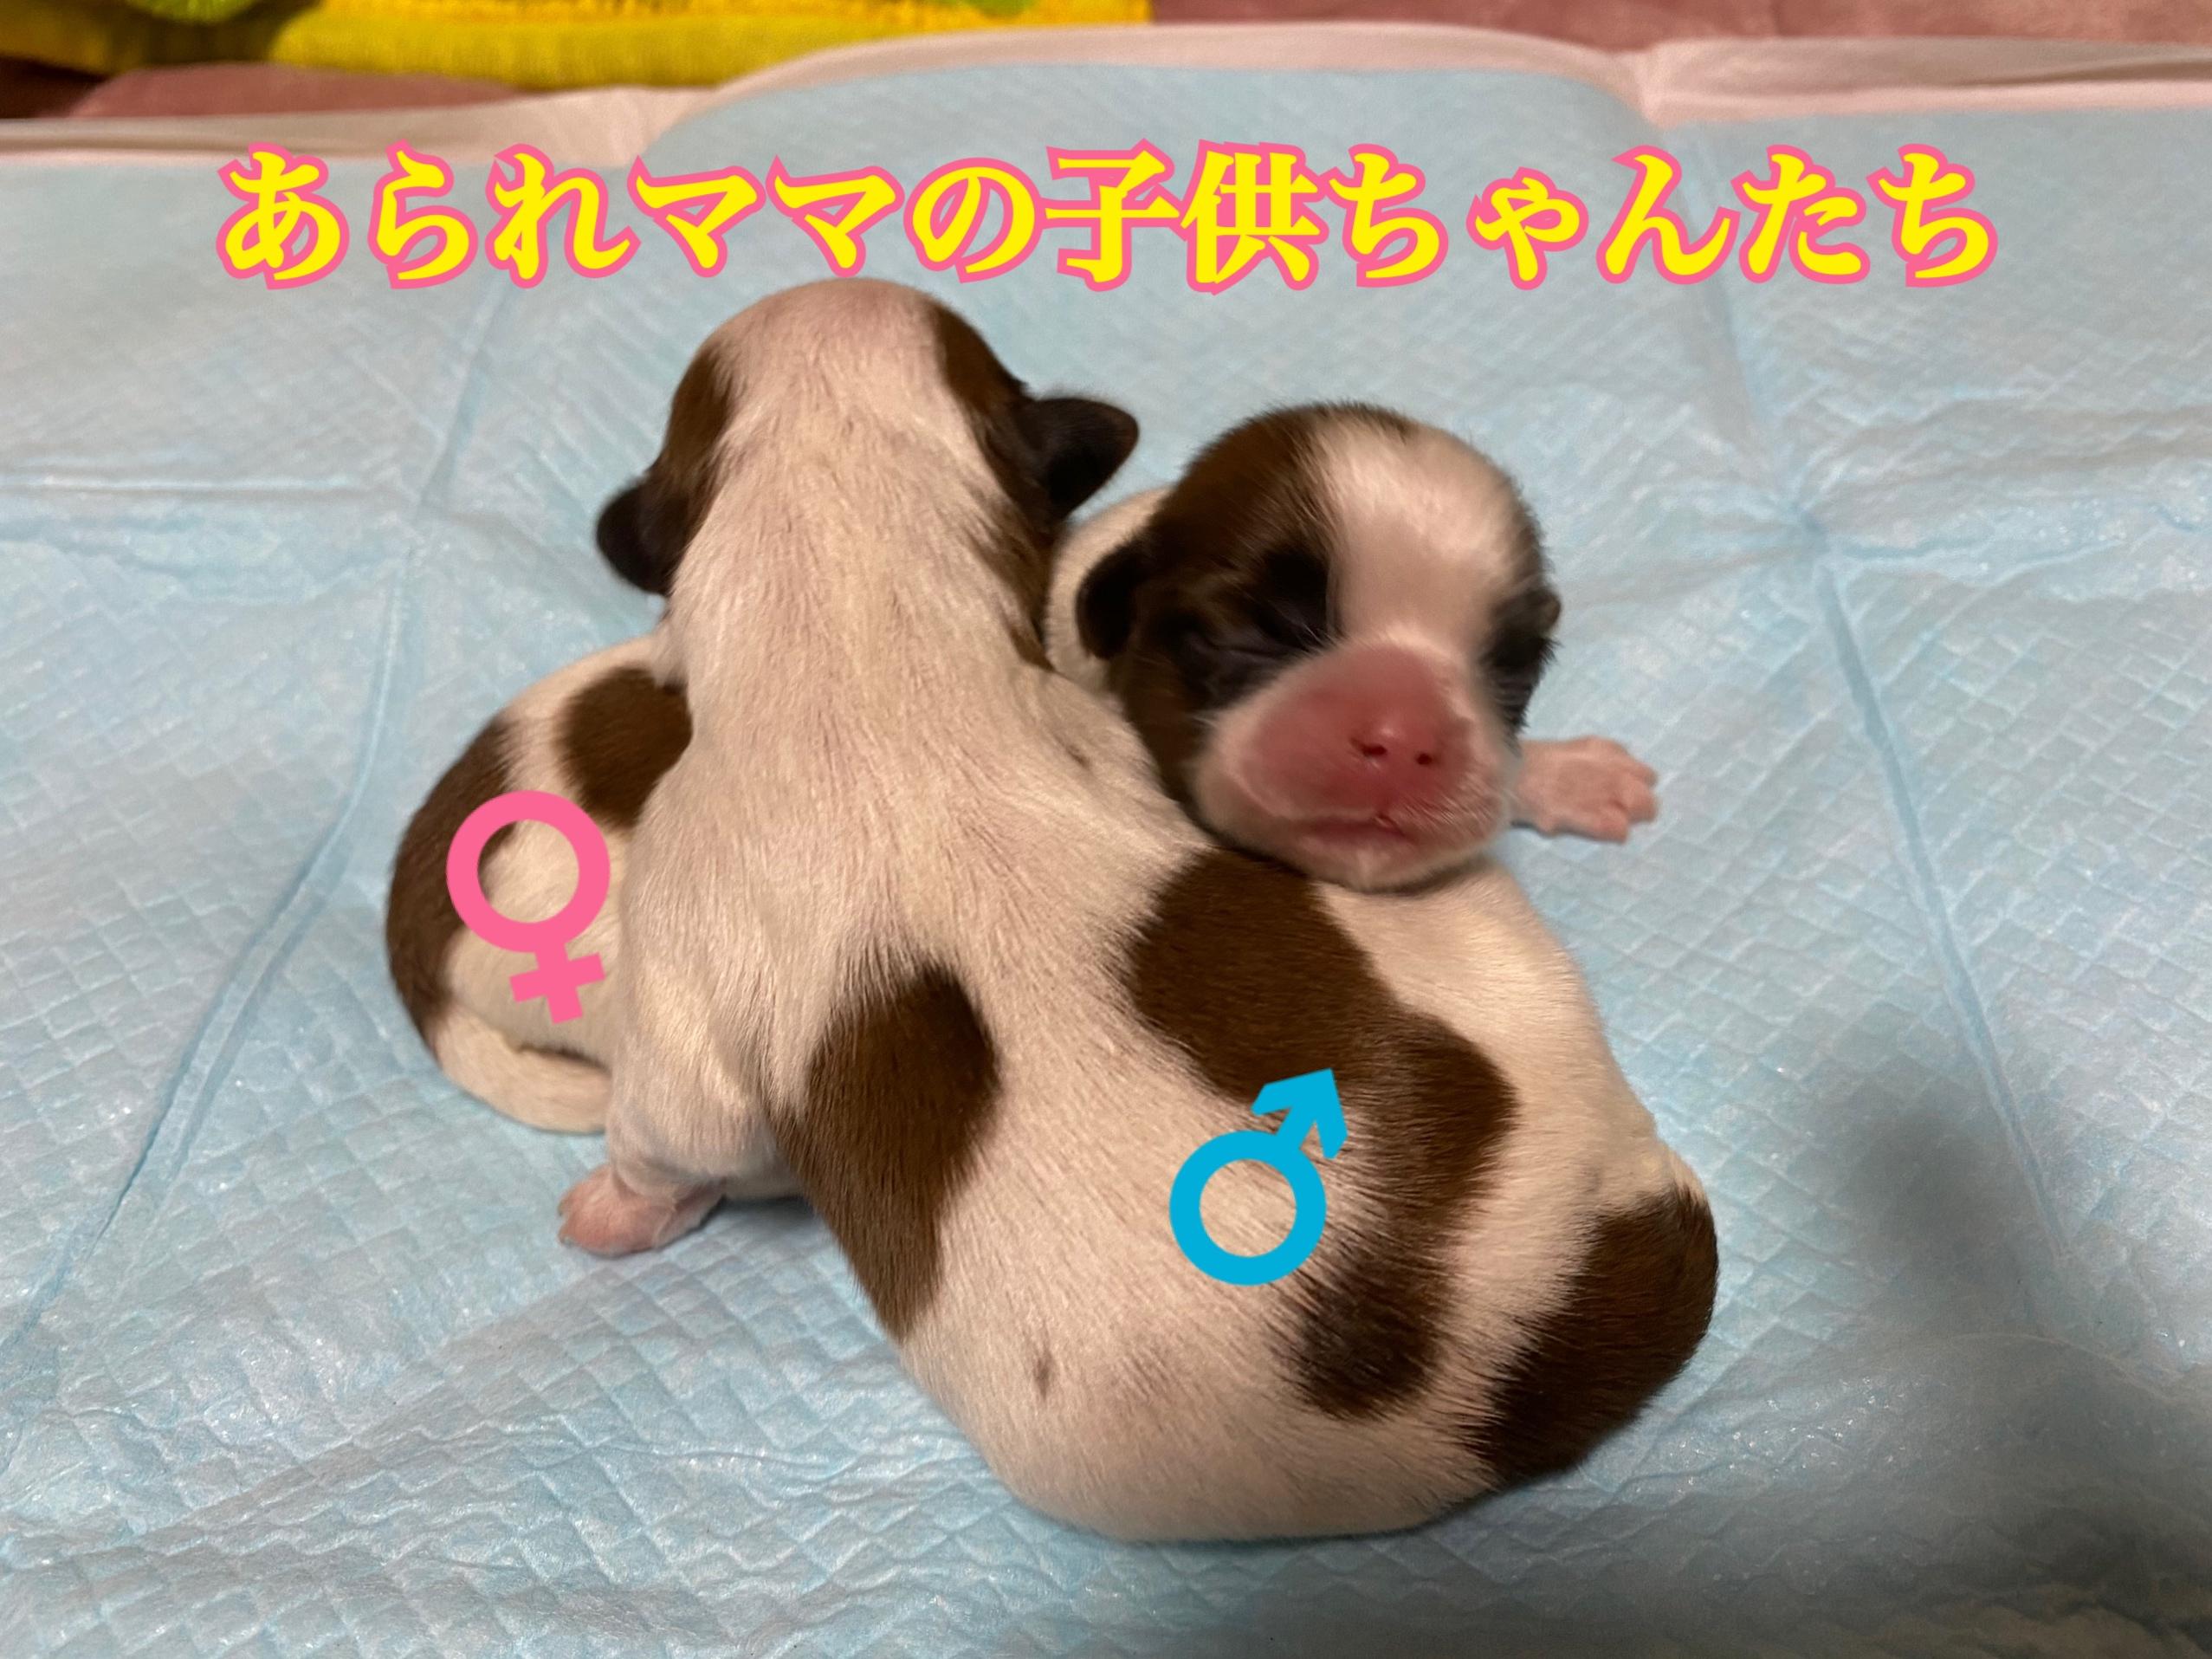 シーズー ホワイト&ゴールド 仔犬